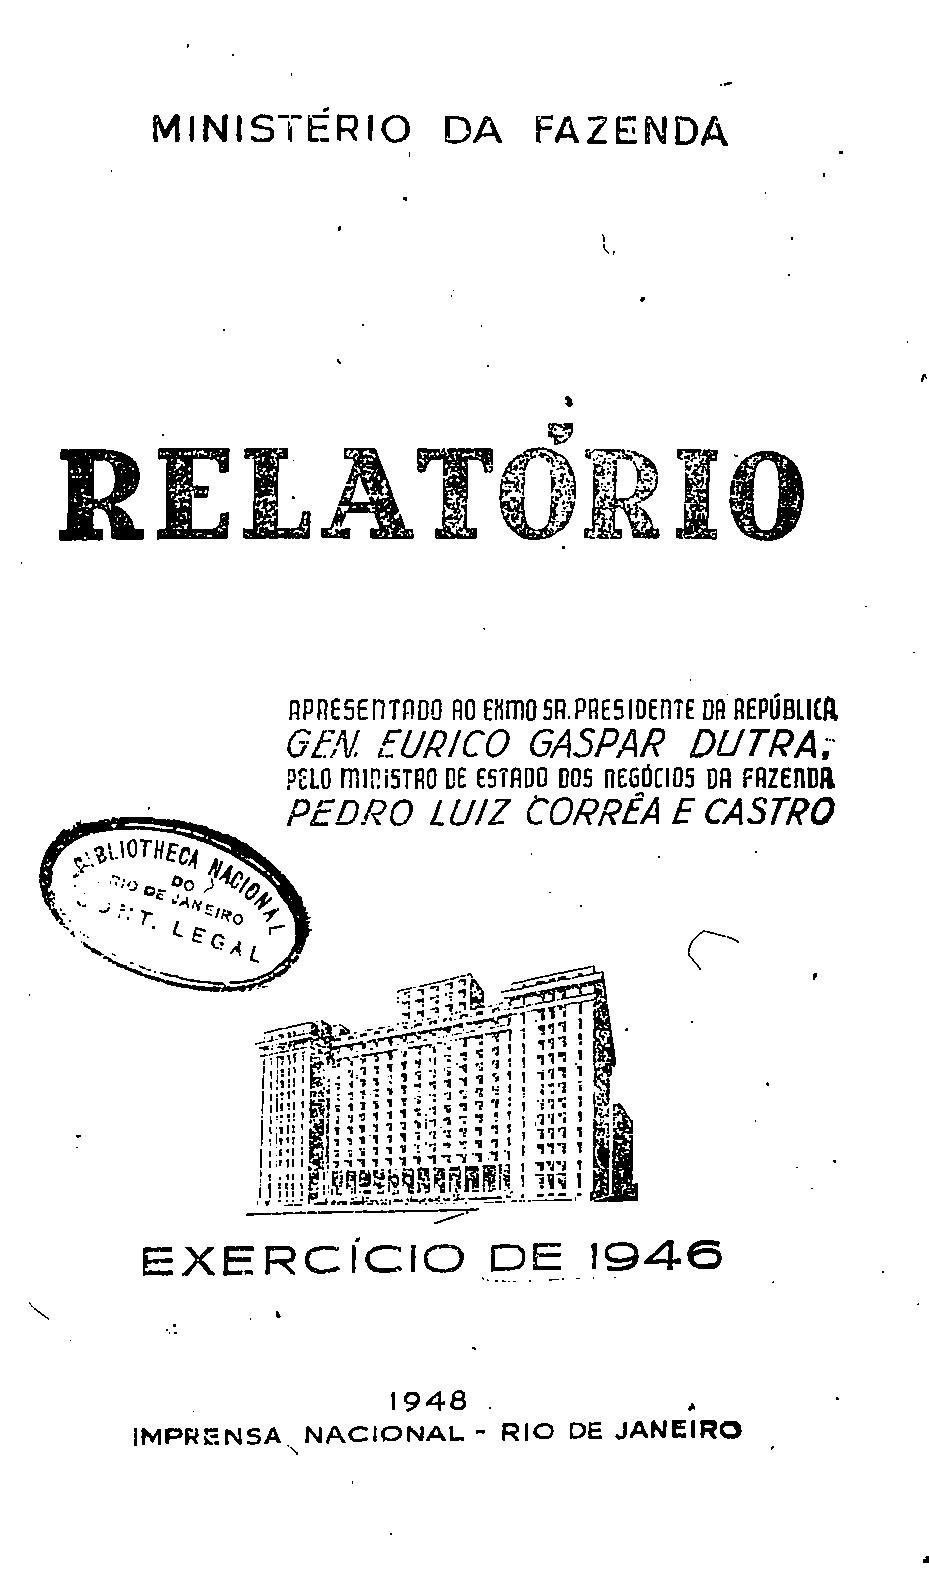 Ministerio da Fazenda - Relatório apresentado ao Exmo. Sr. presidente da República, Gen. Eurico Gaspar Dutra, pelo ministro dos negócios da Fazenda, Pedro Luiz Corrêa e Castro - Exercício de 1946